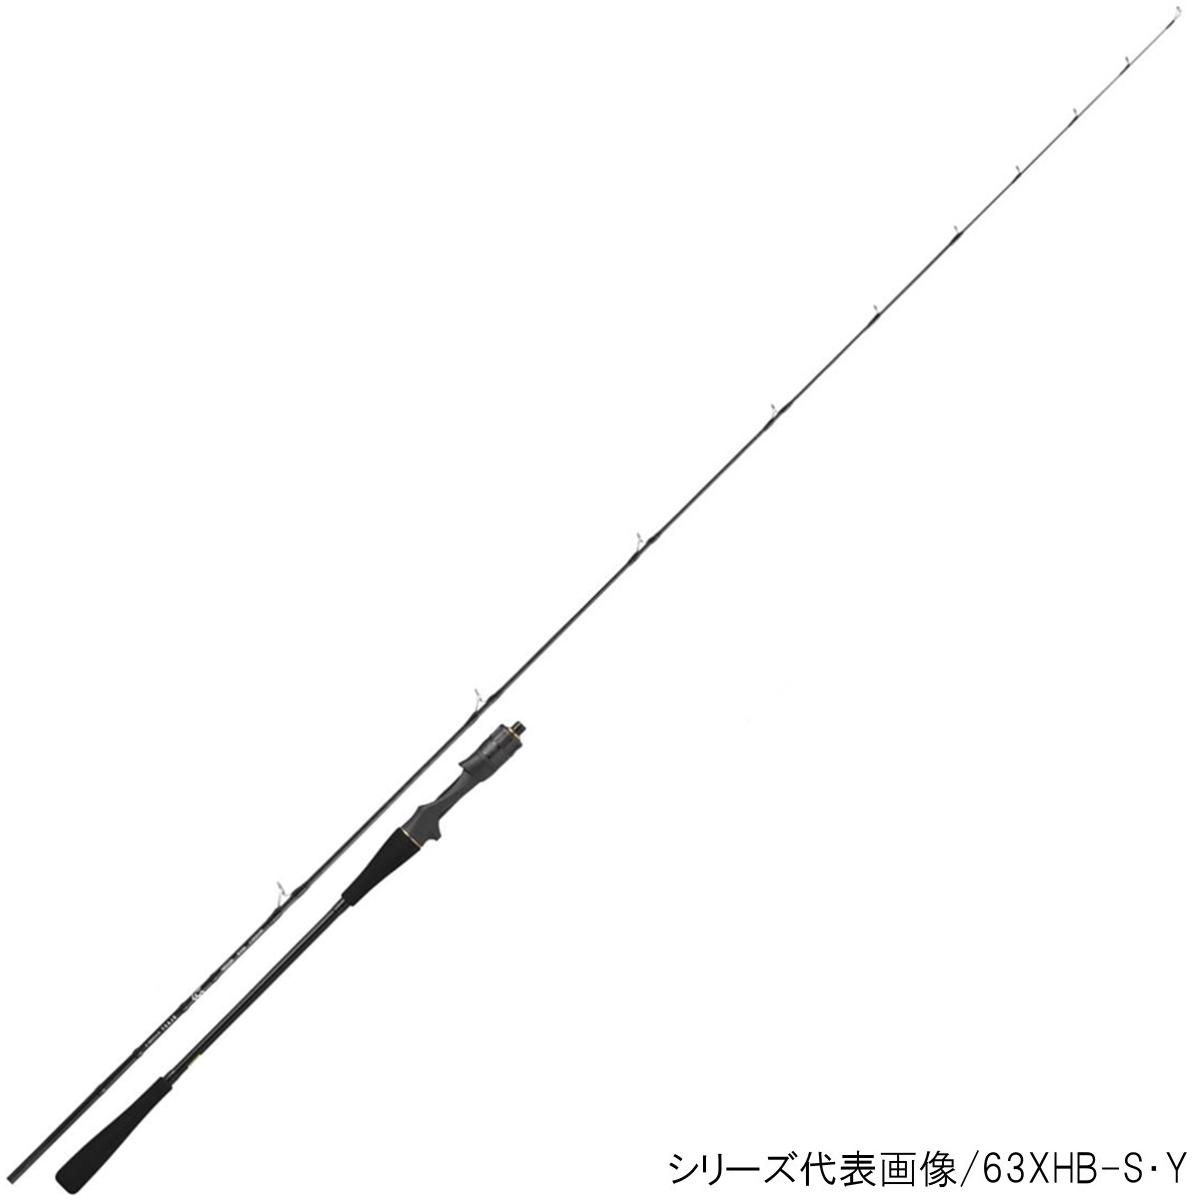 ブラスト BJ 63HB-S・Y ダイワ【大型商品】【同梱不可】